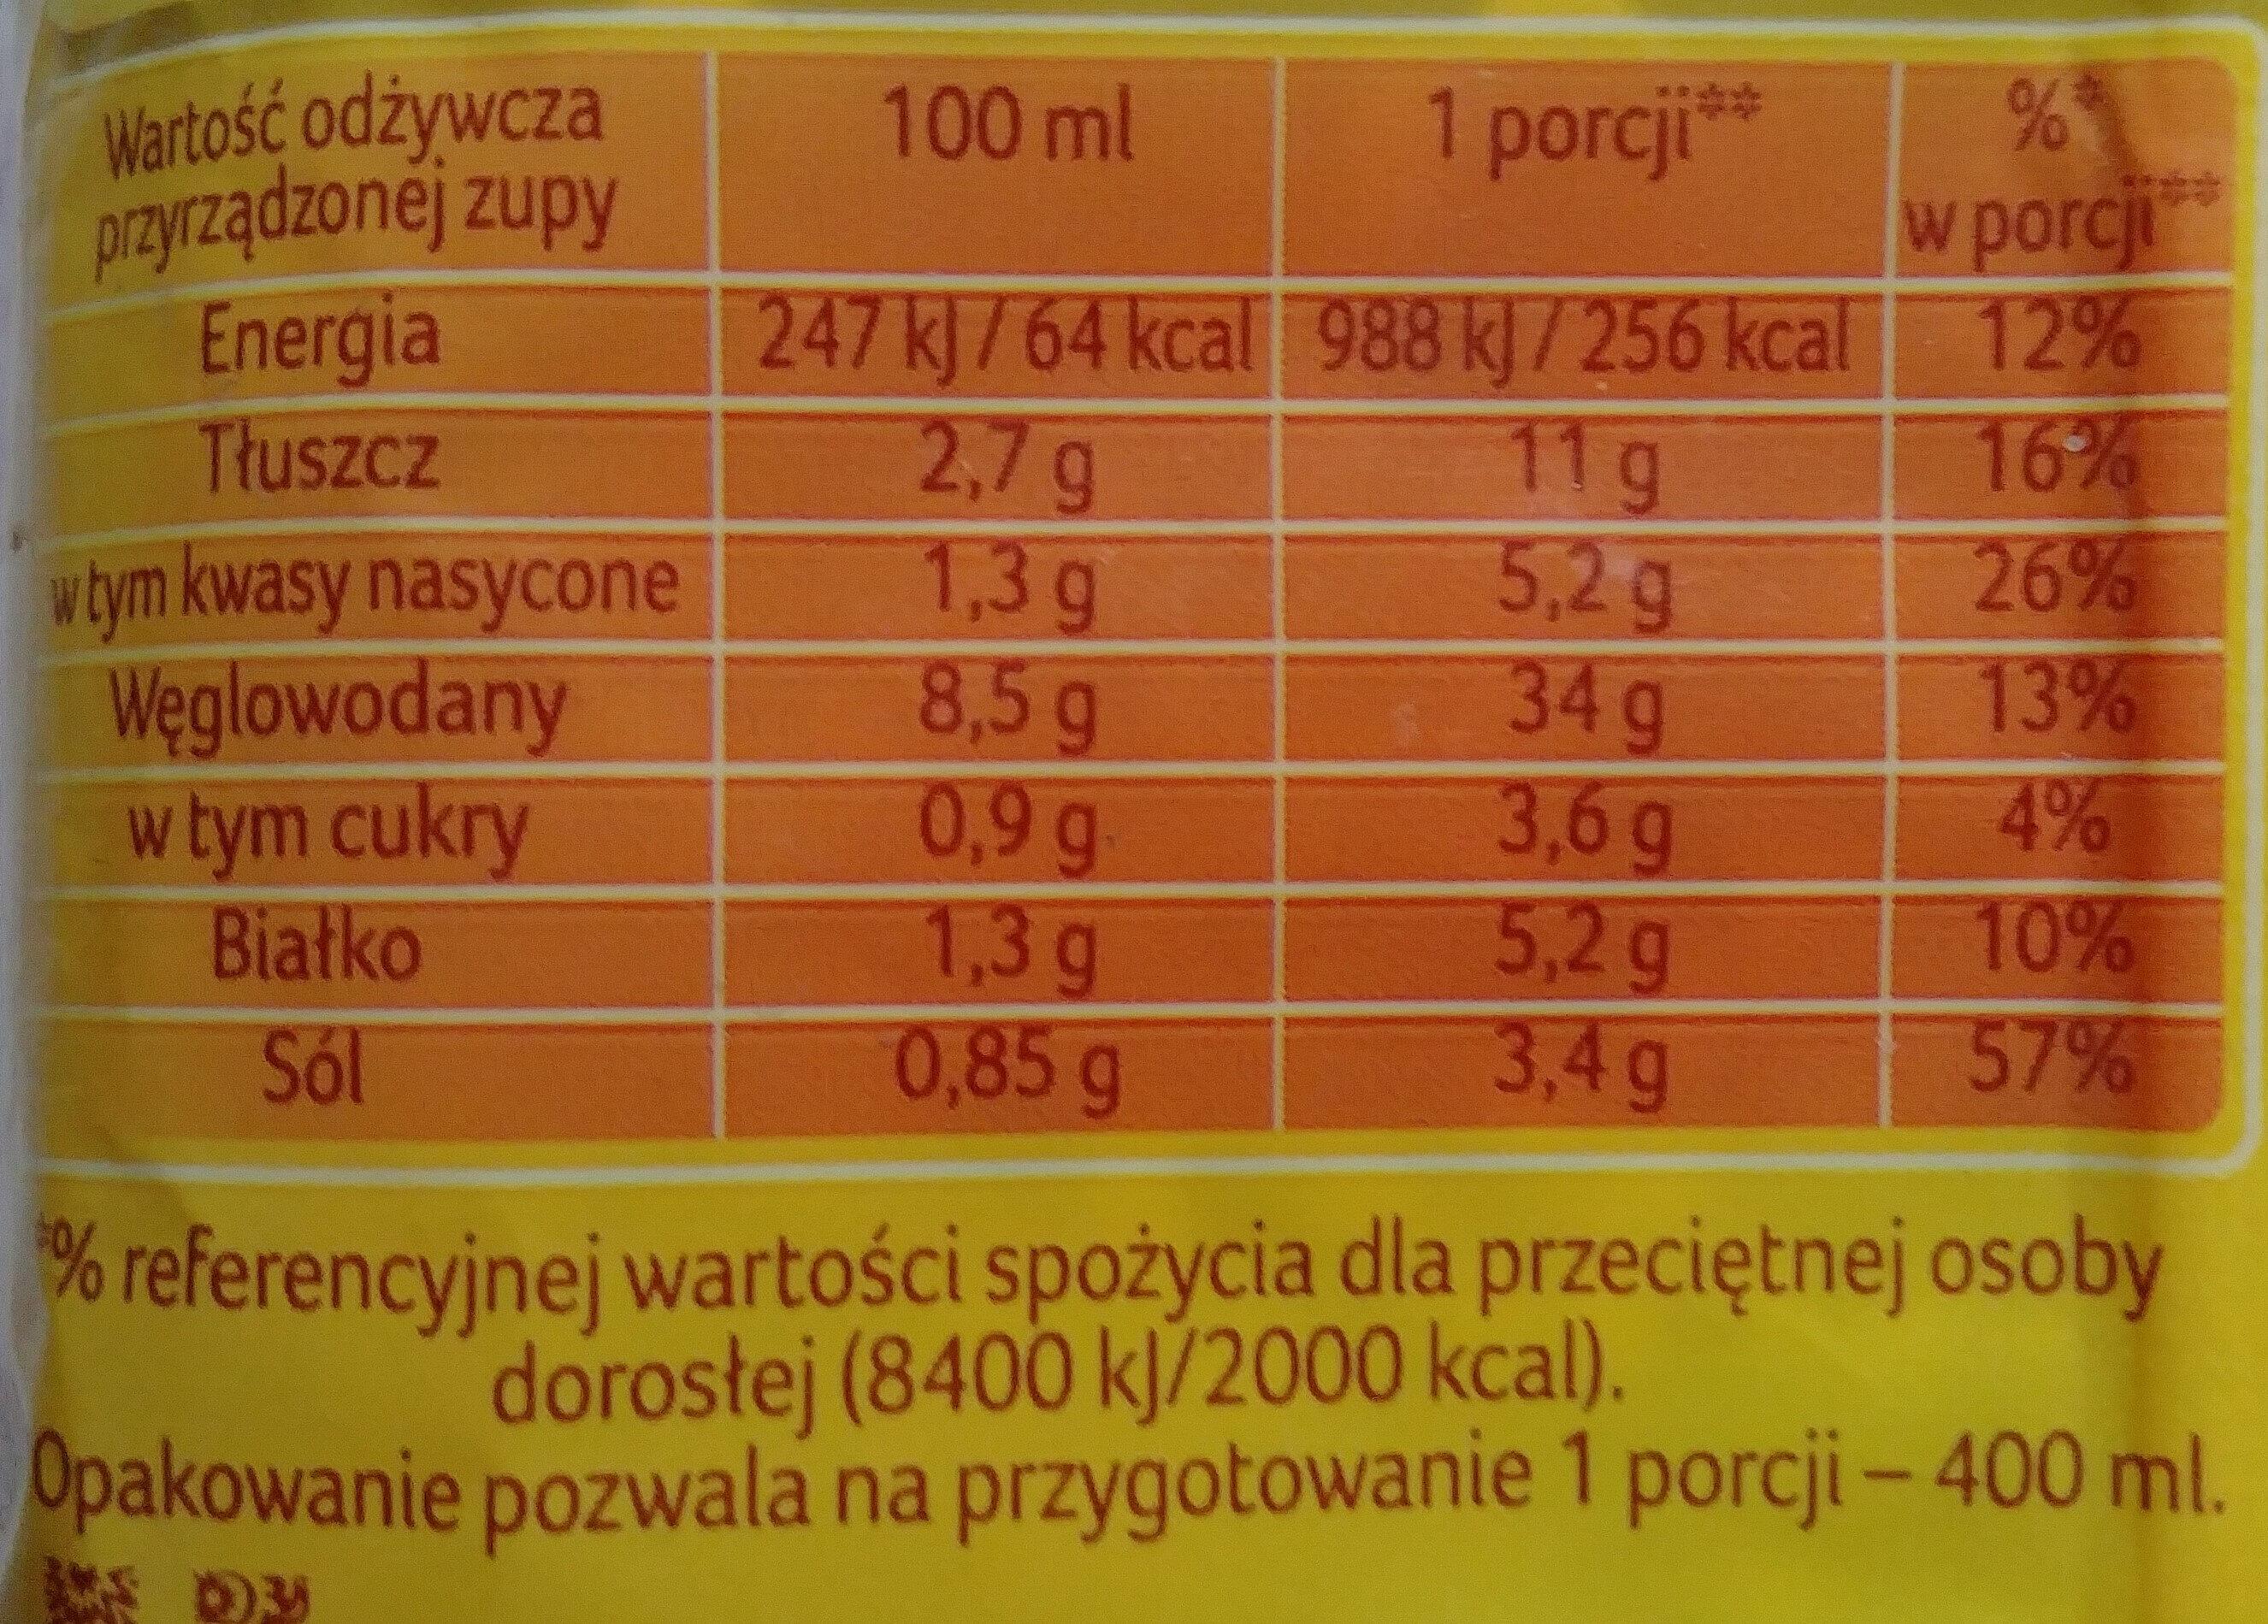 Pomidorowa - Wartości odżywcze